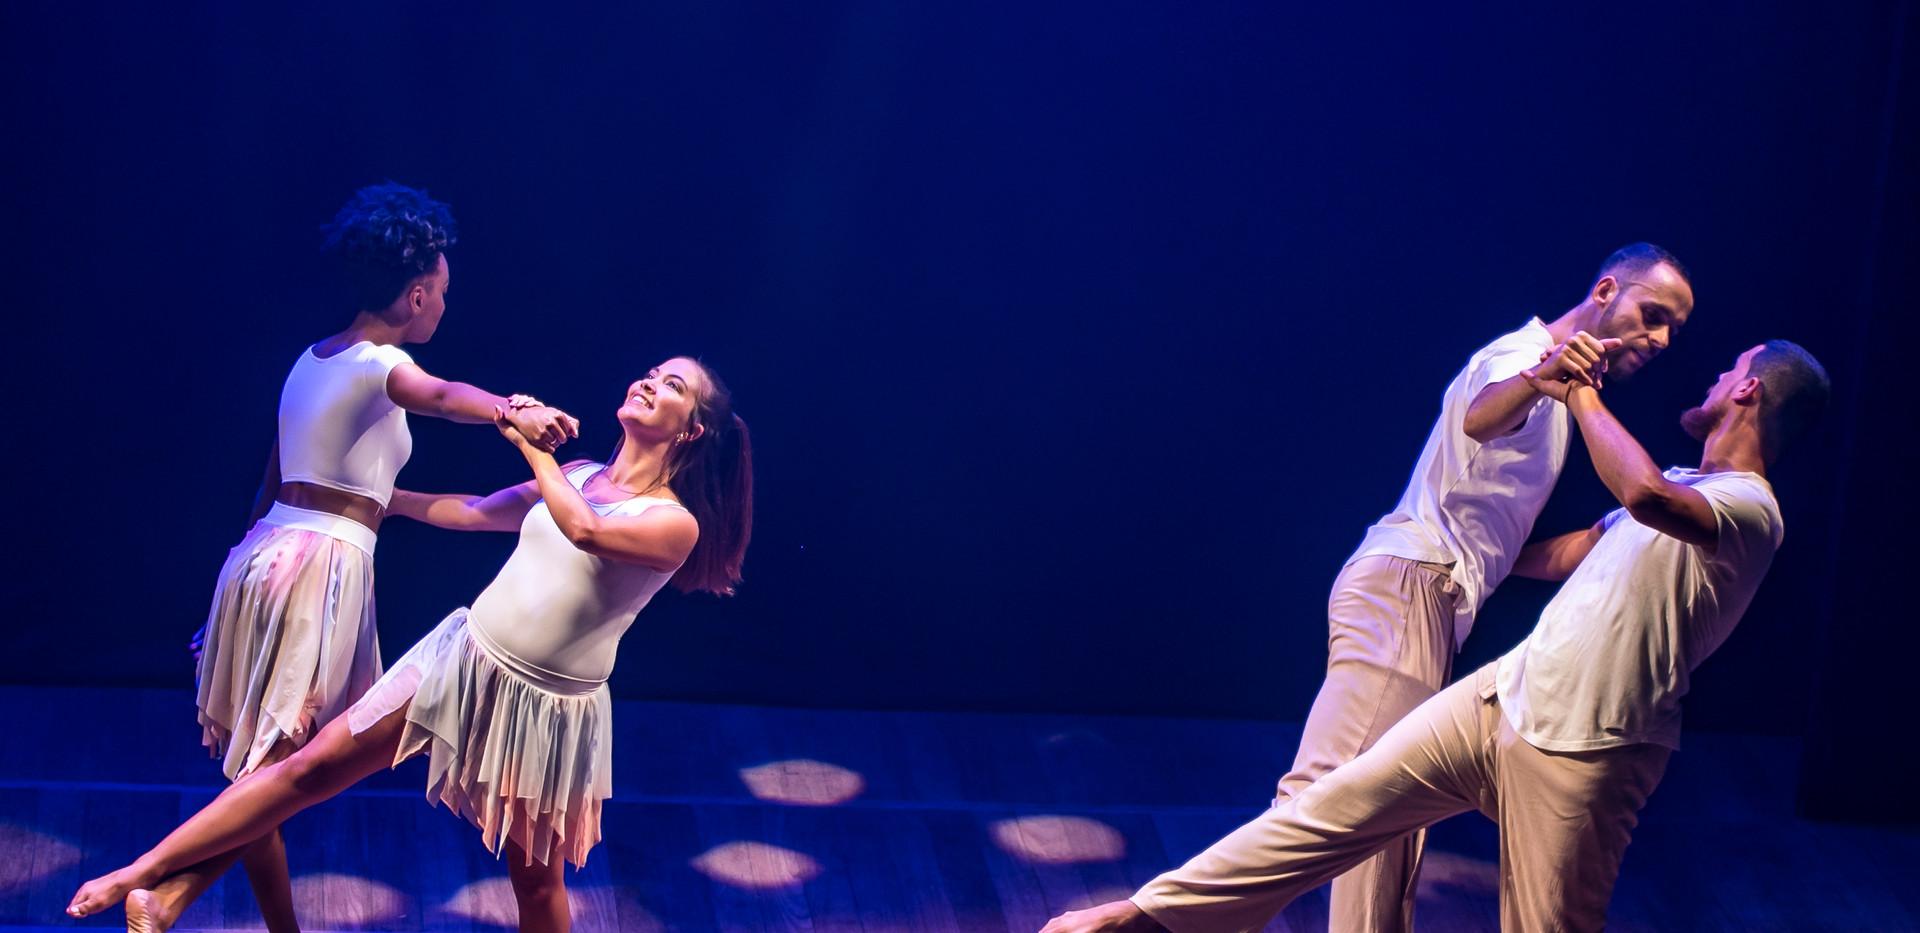 danceadois-show-4518.JPG